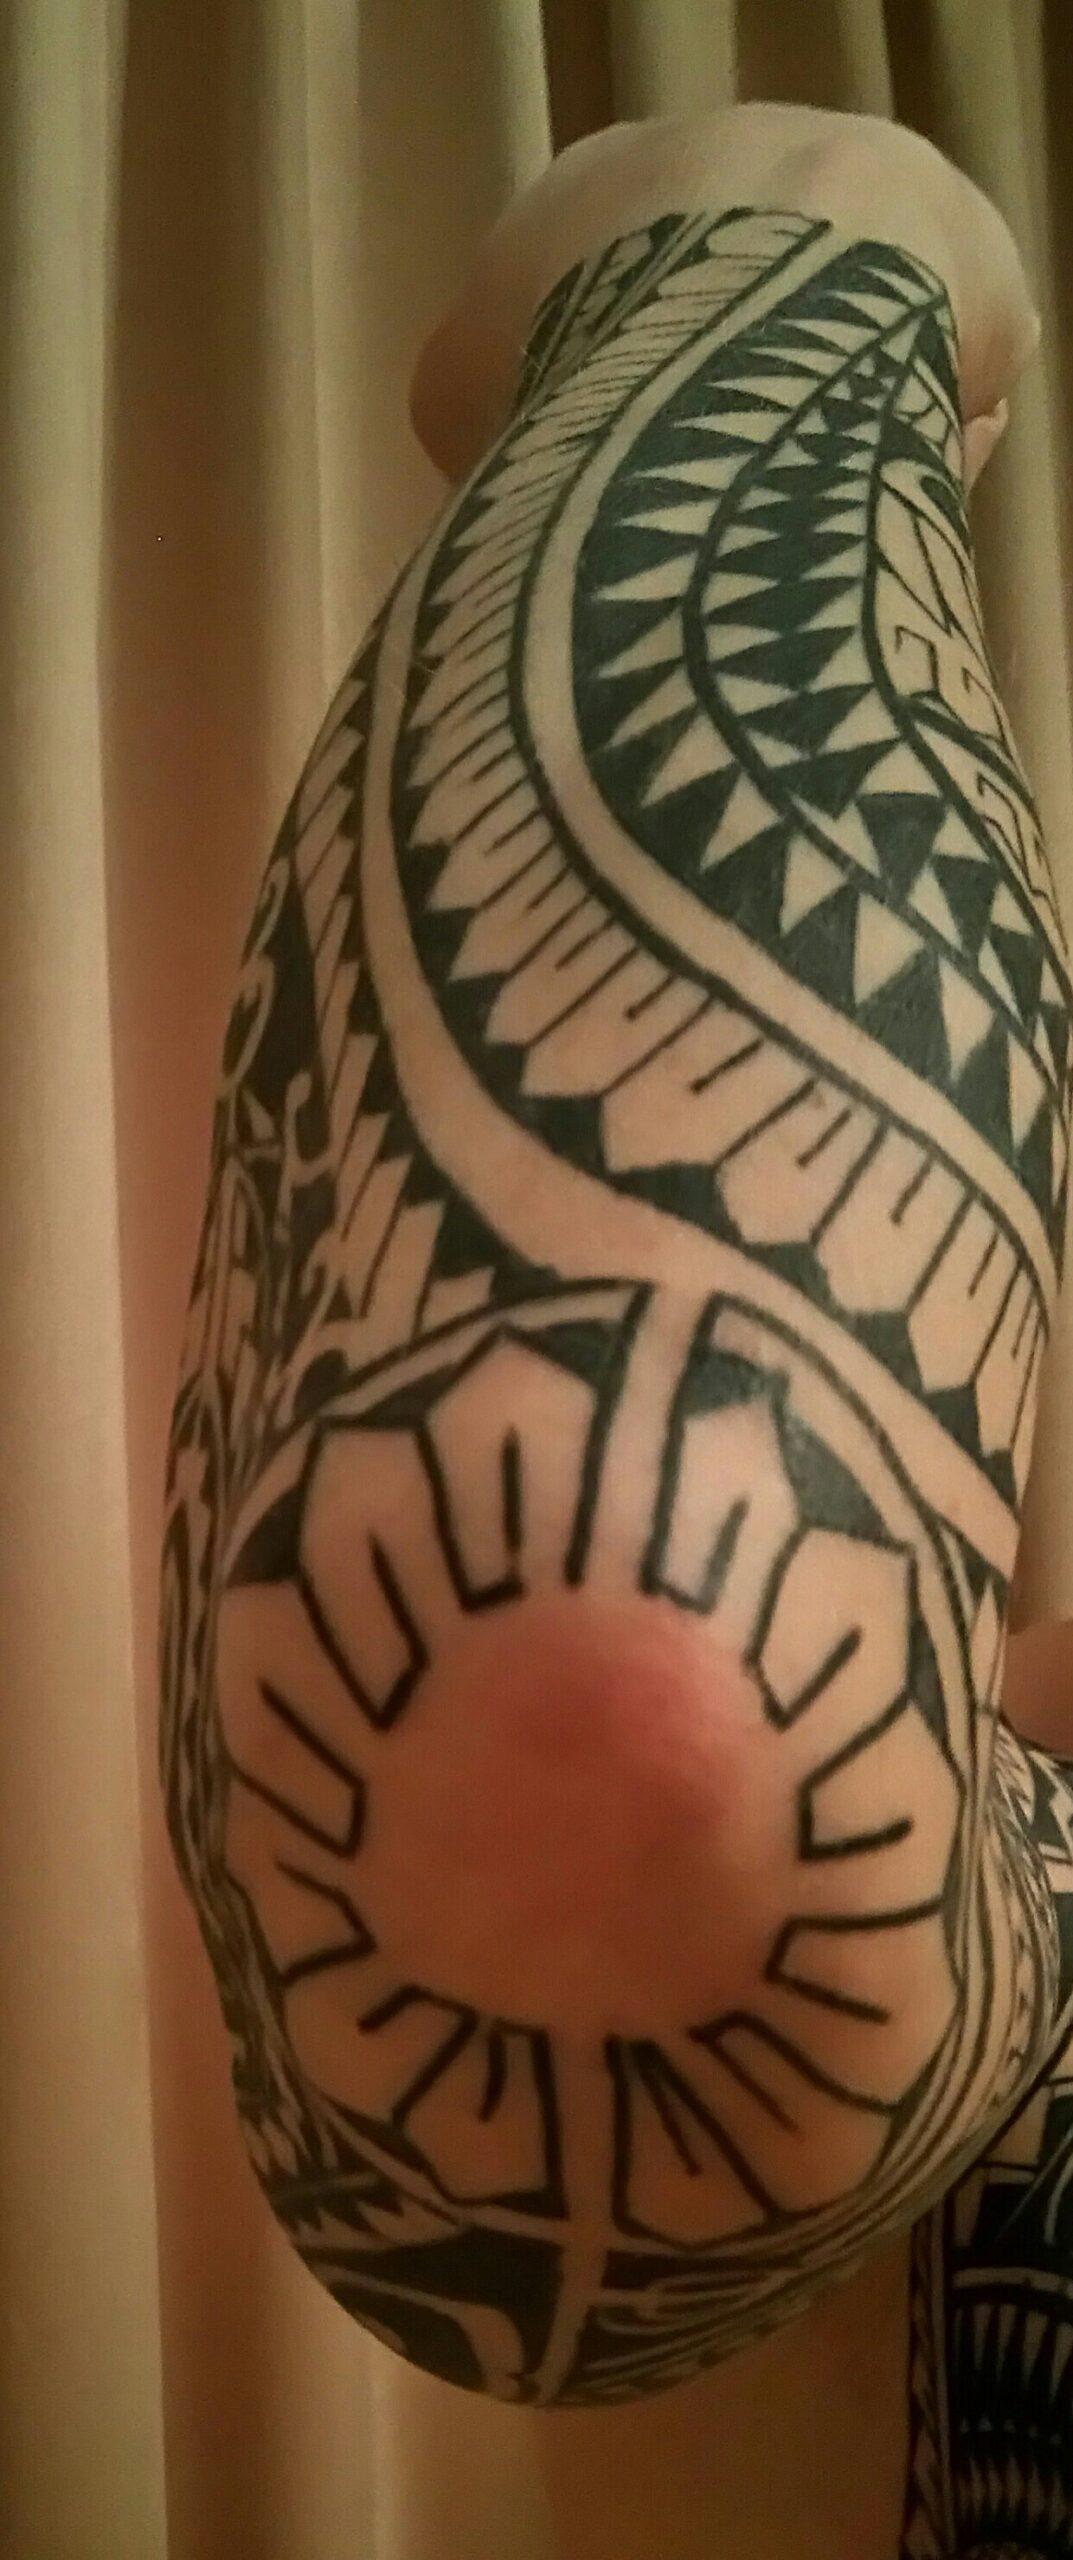 Tattoo 2020 (8)